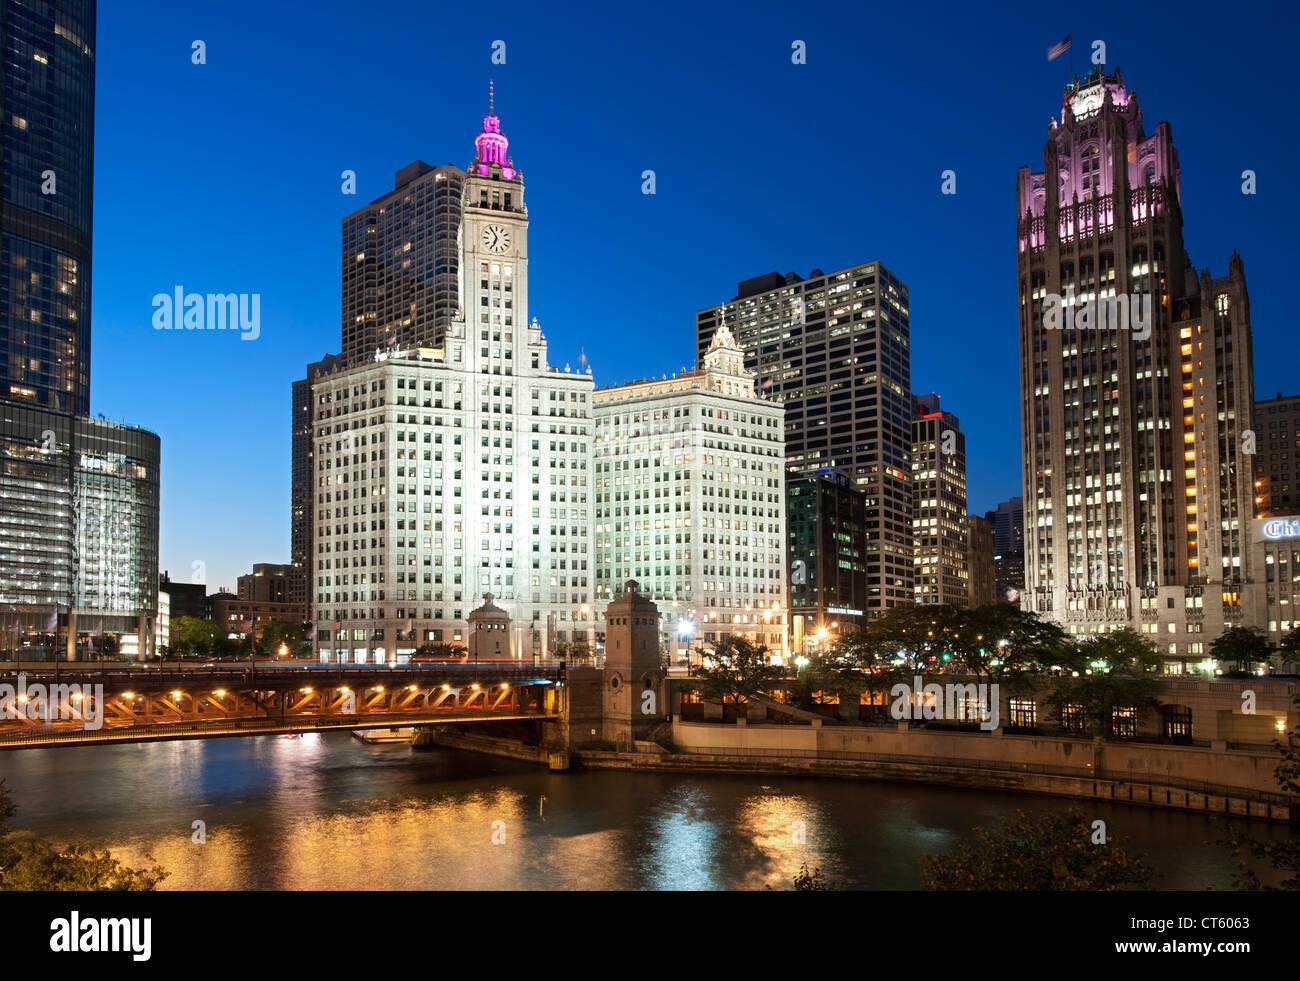 Vue nocturne de la Michigan Avenue Bridge (Pont) et DuSable officiellement le Wrigley building et la Tribune Tower Photo Stock